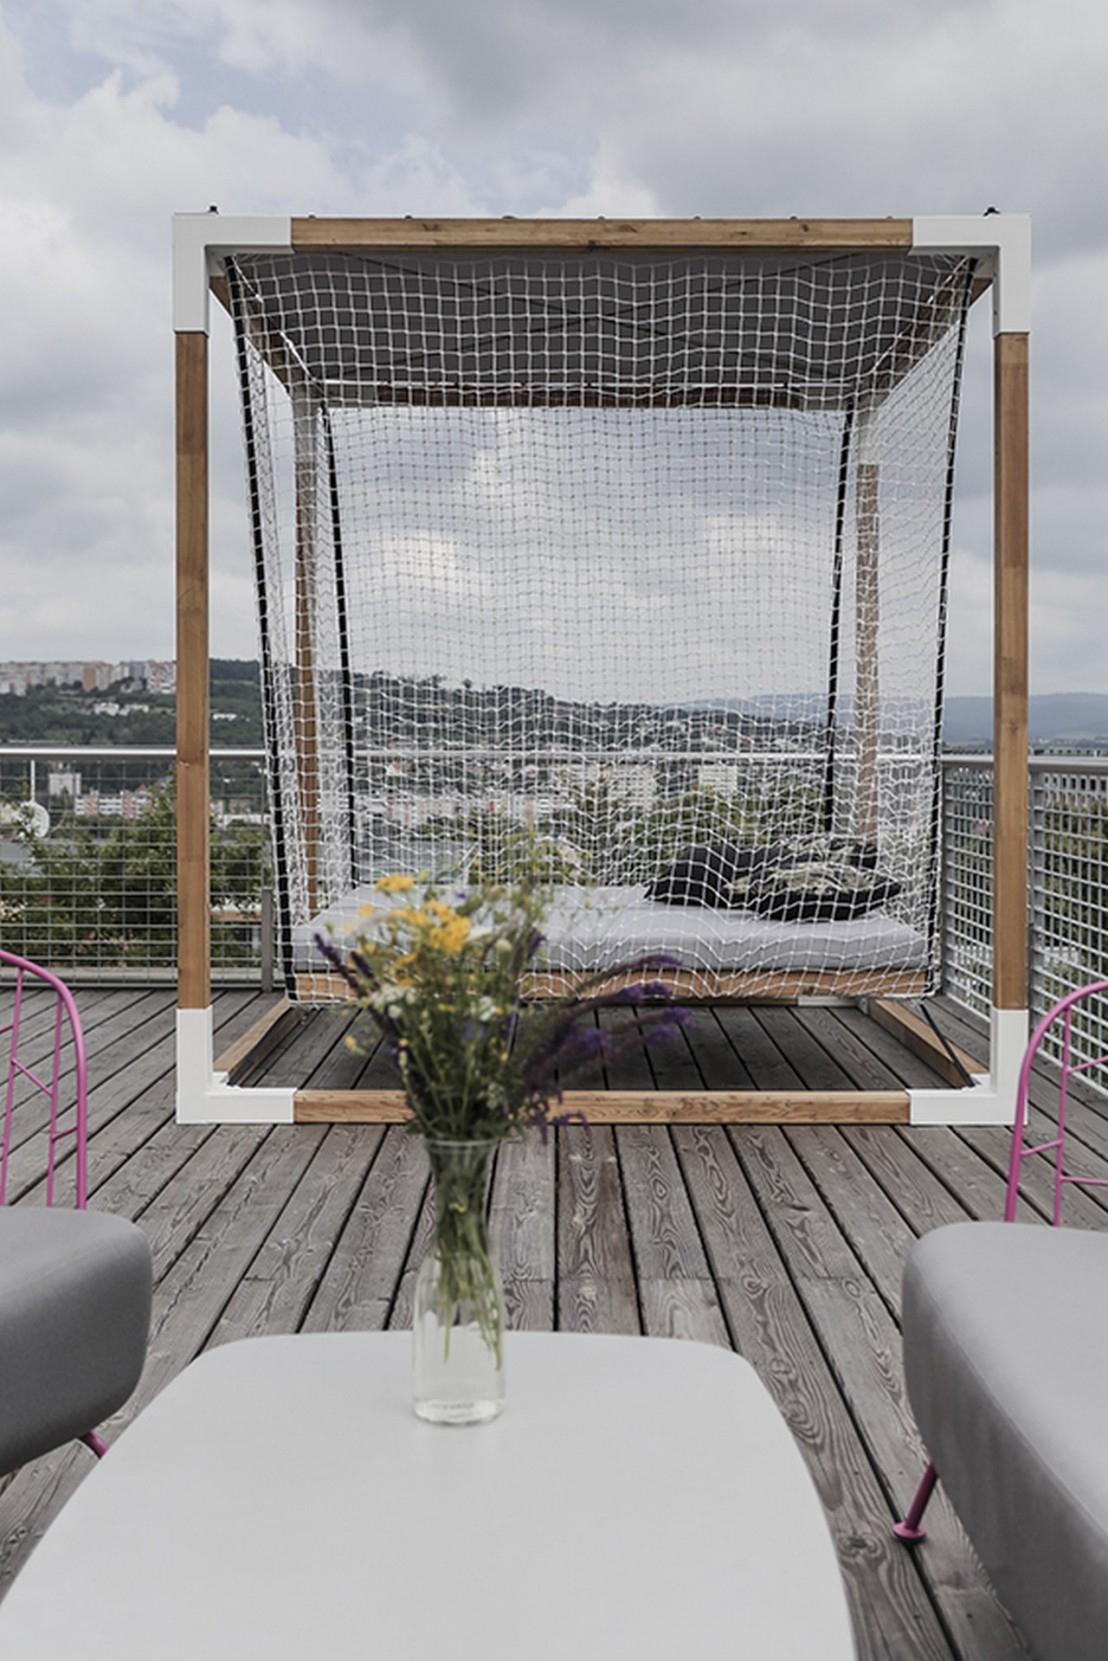 Lit De Jardin Hamac Suspendu En Cage Leva : Mobilier De à Lit Suspendu Jardin